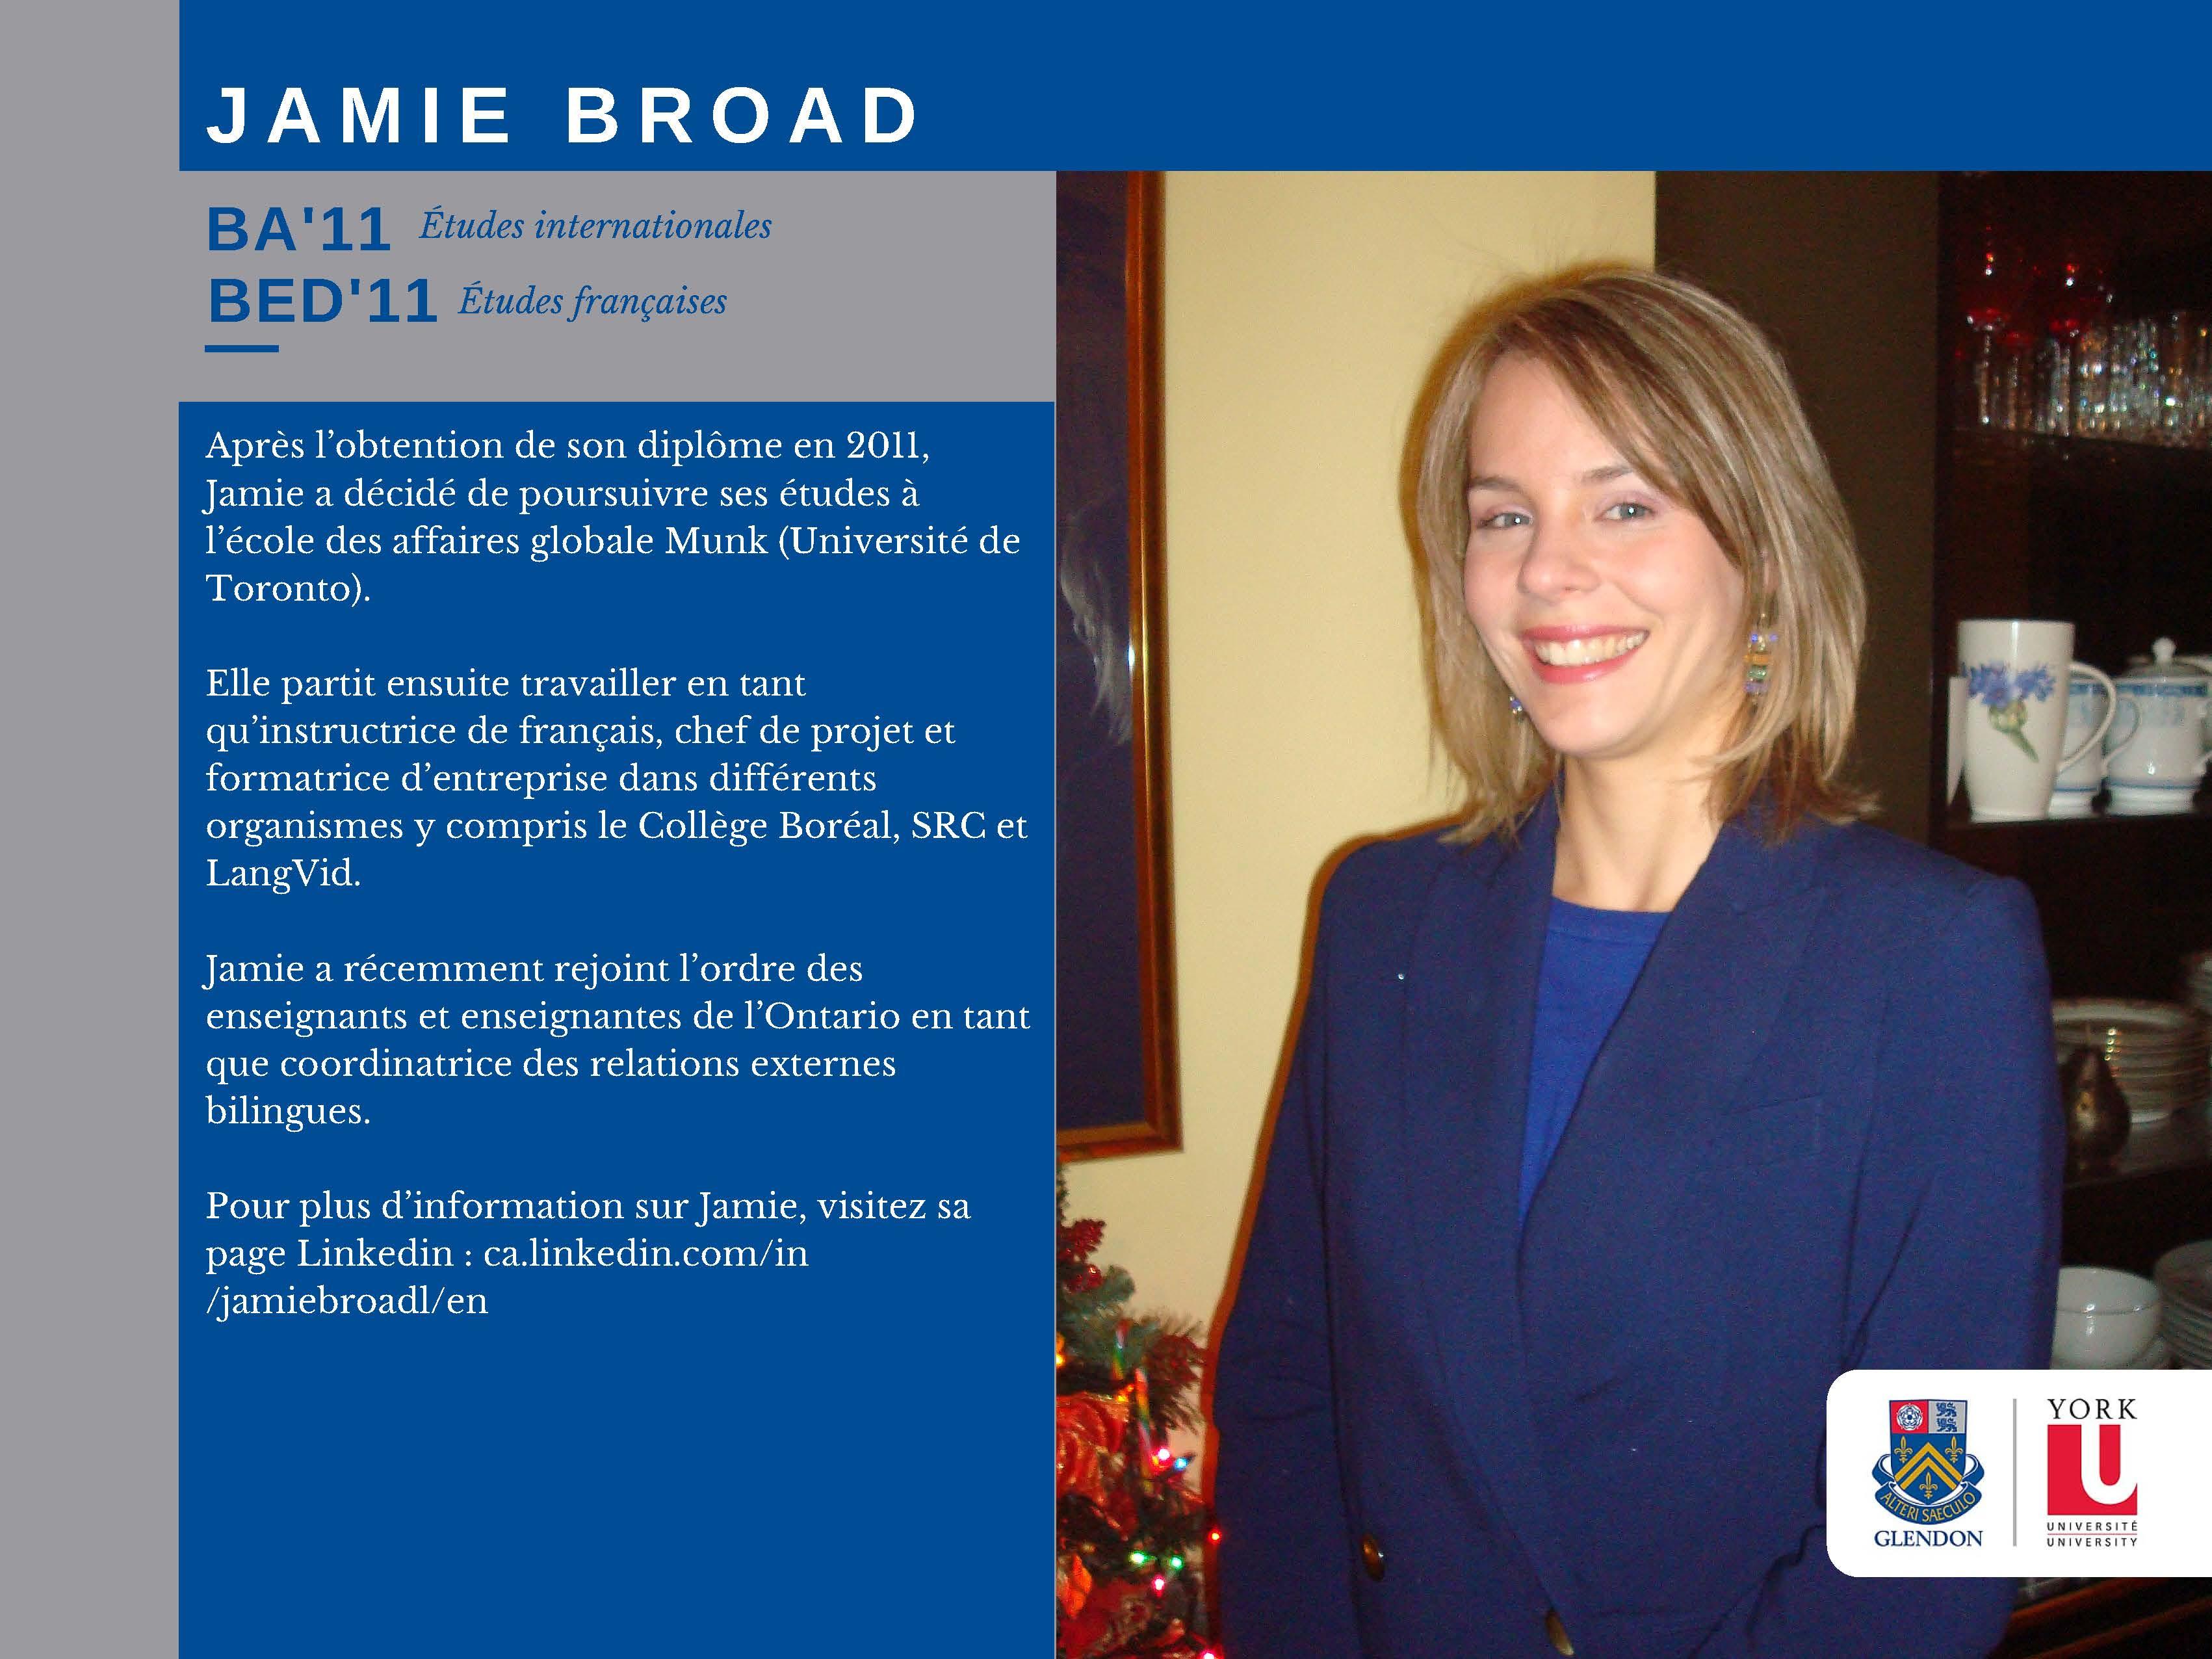 Jamie Broad